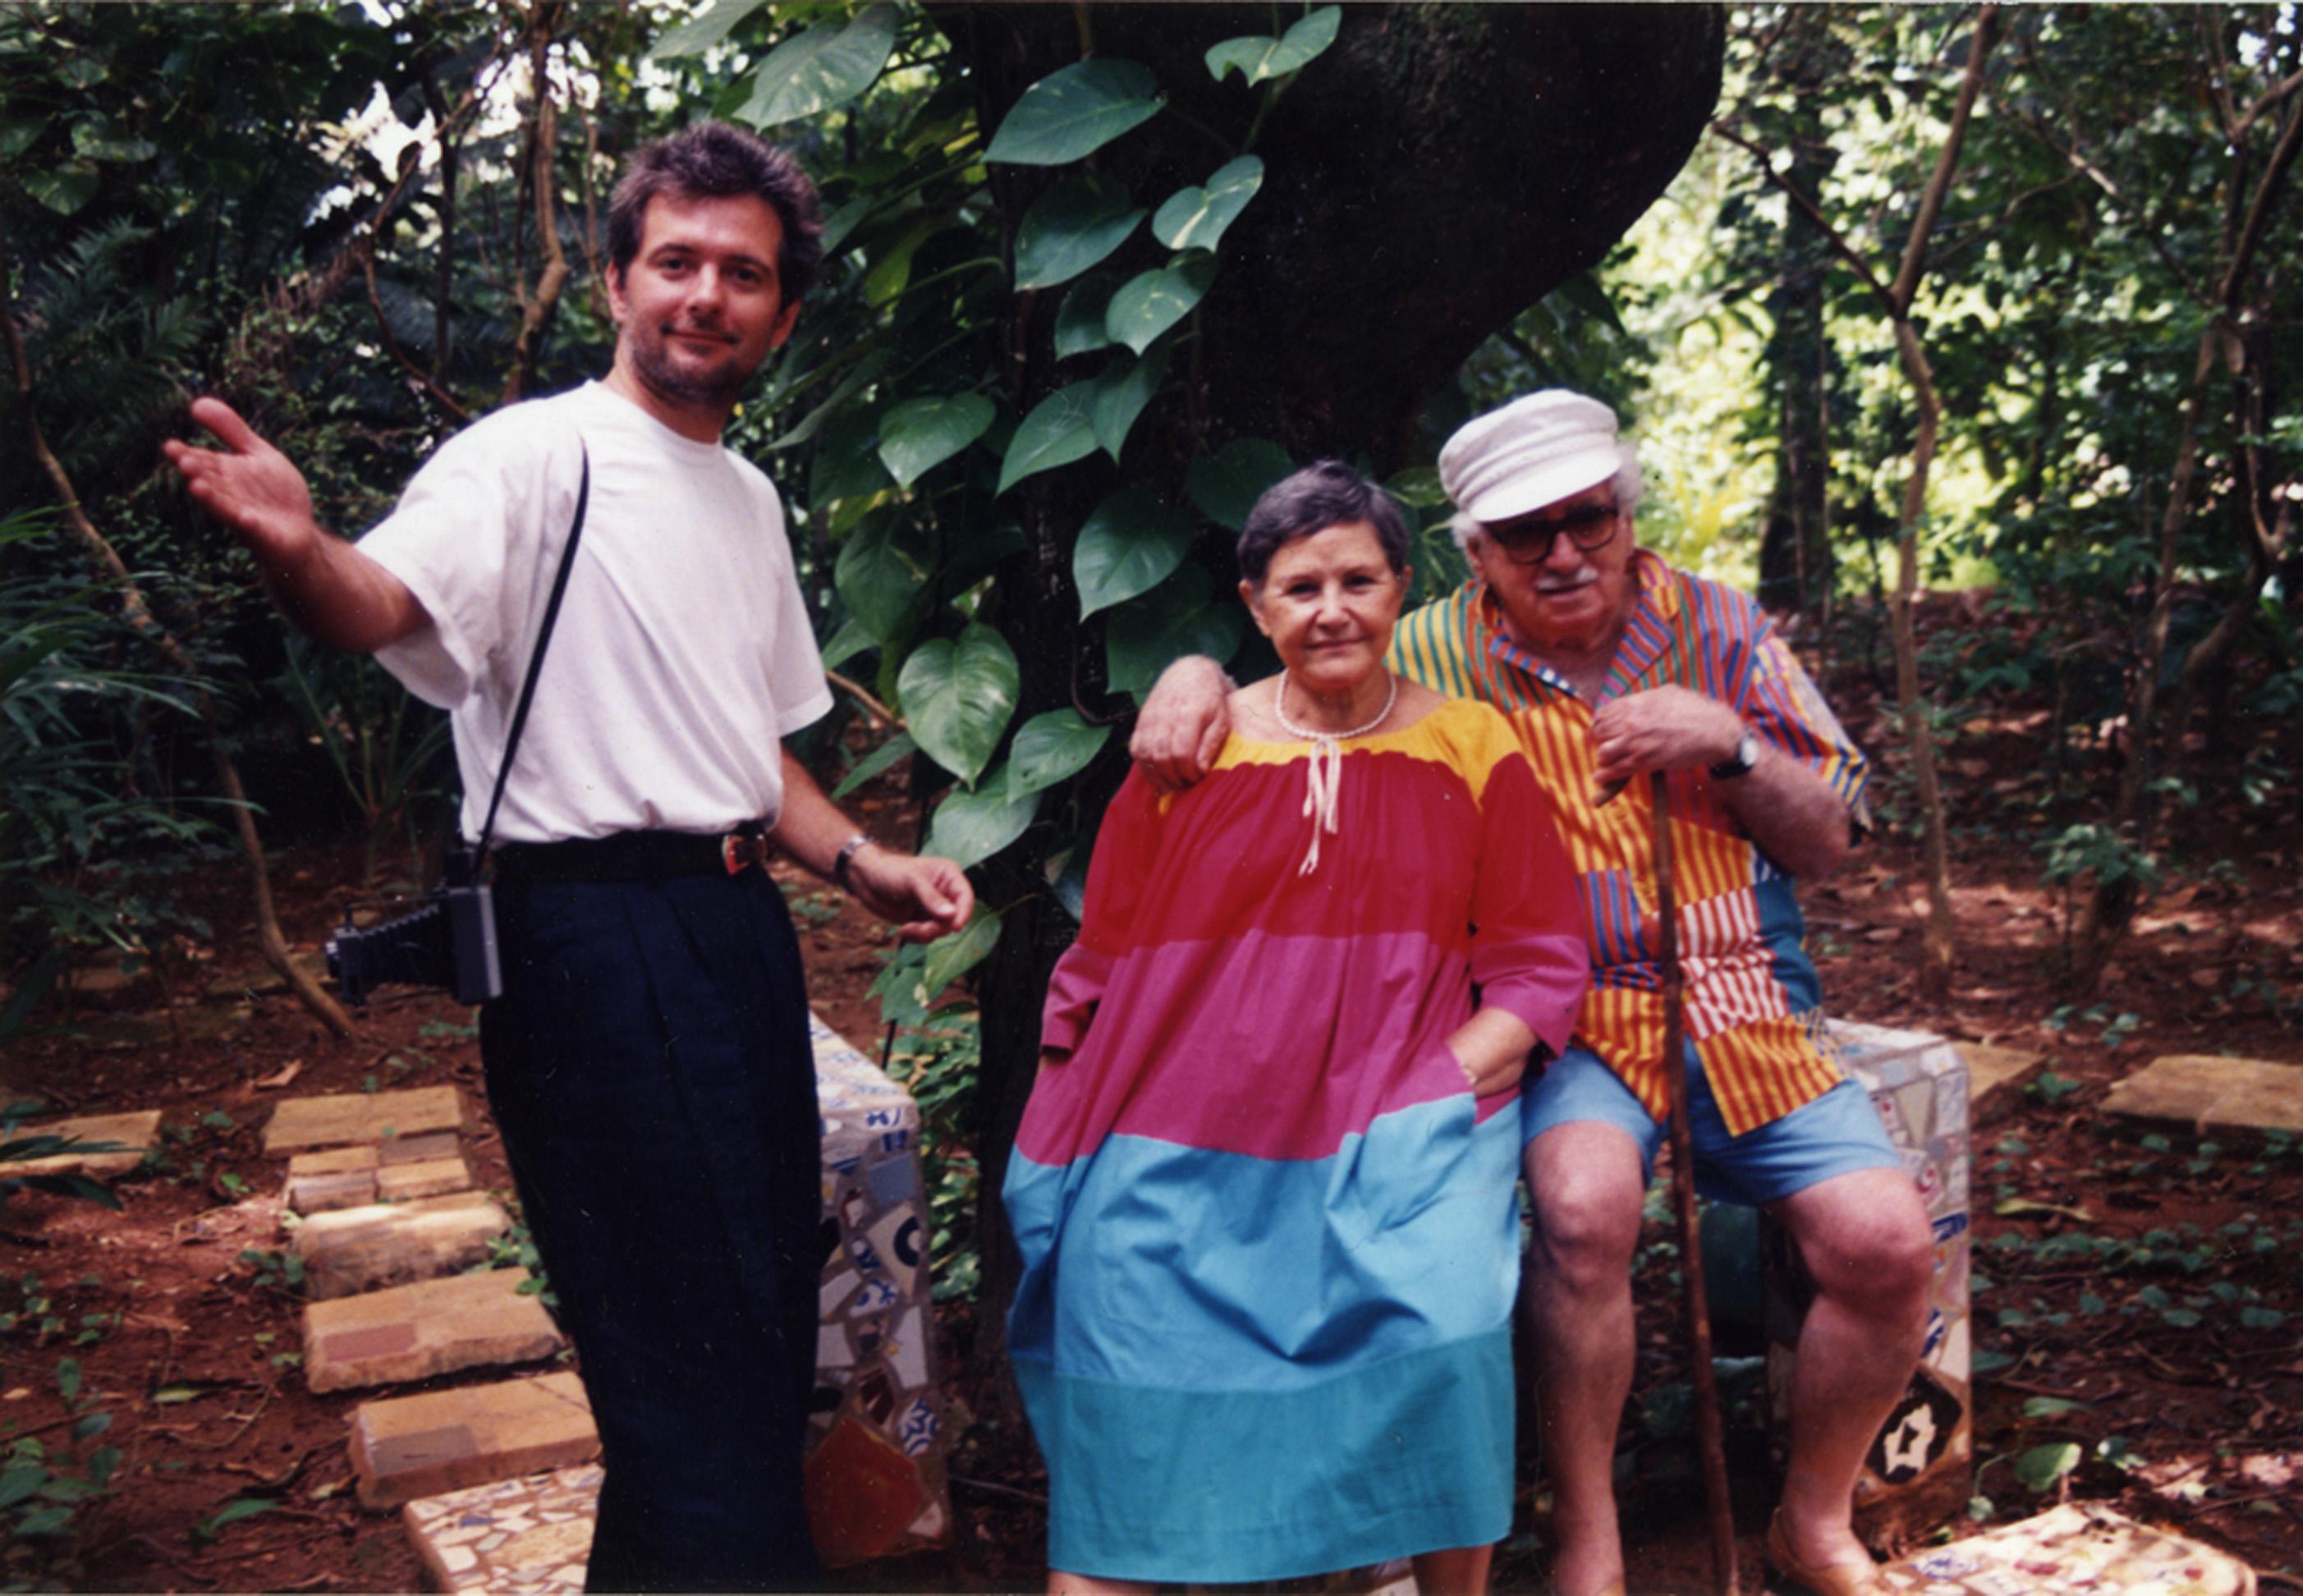 Com Zélia Gattai e Jorge Amado, no início dos anos 90, em campanha para a American Express